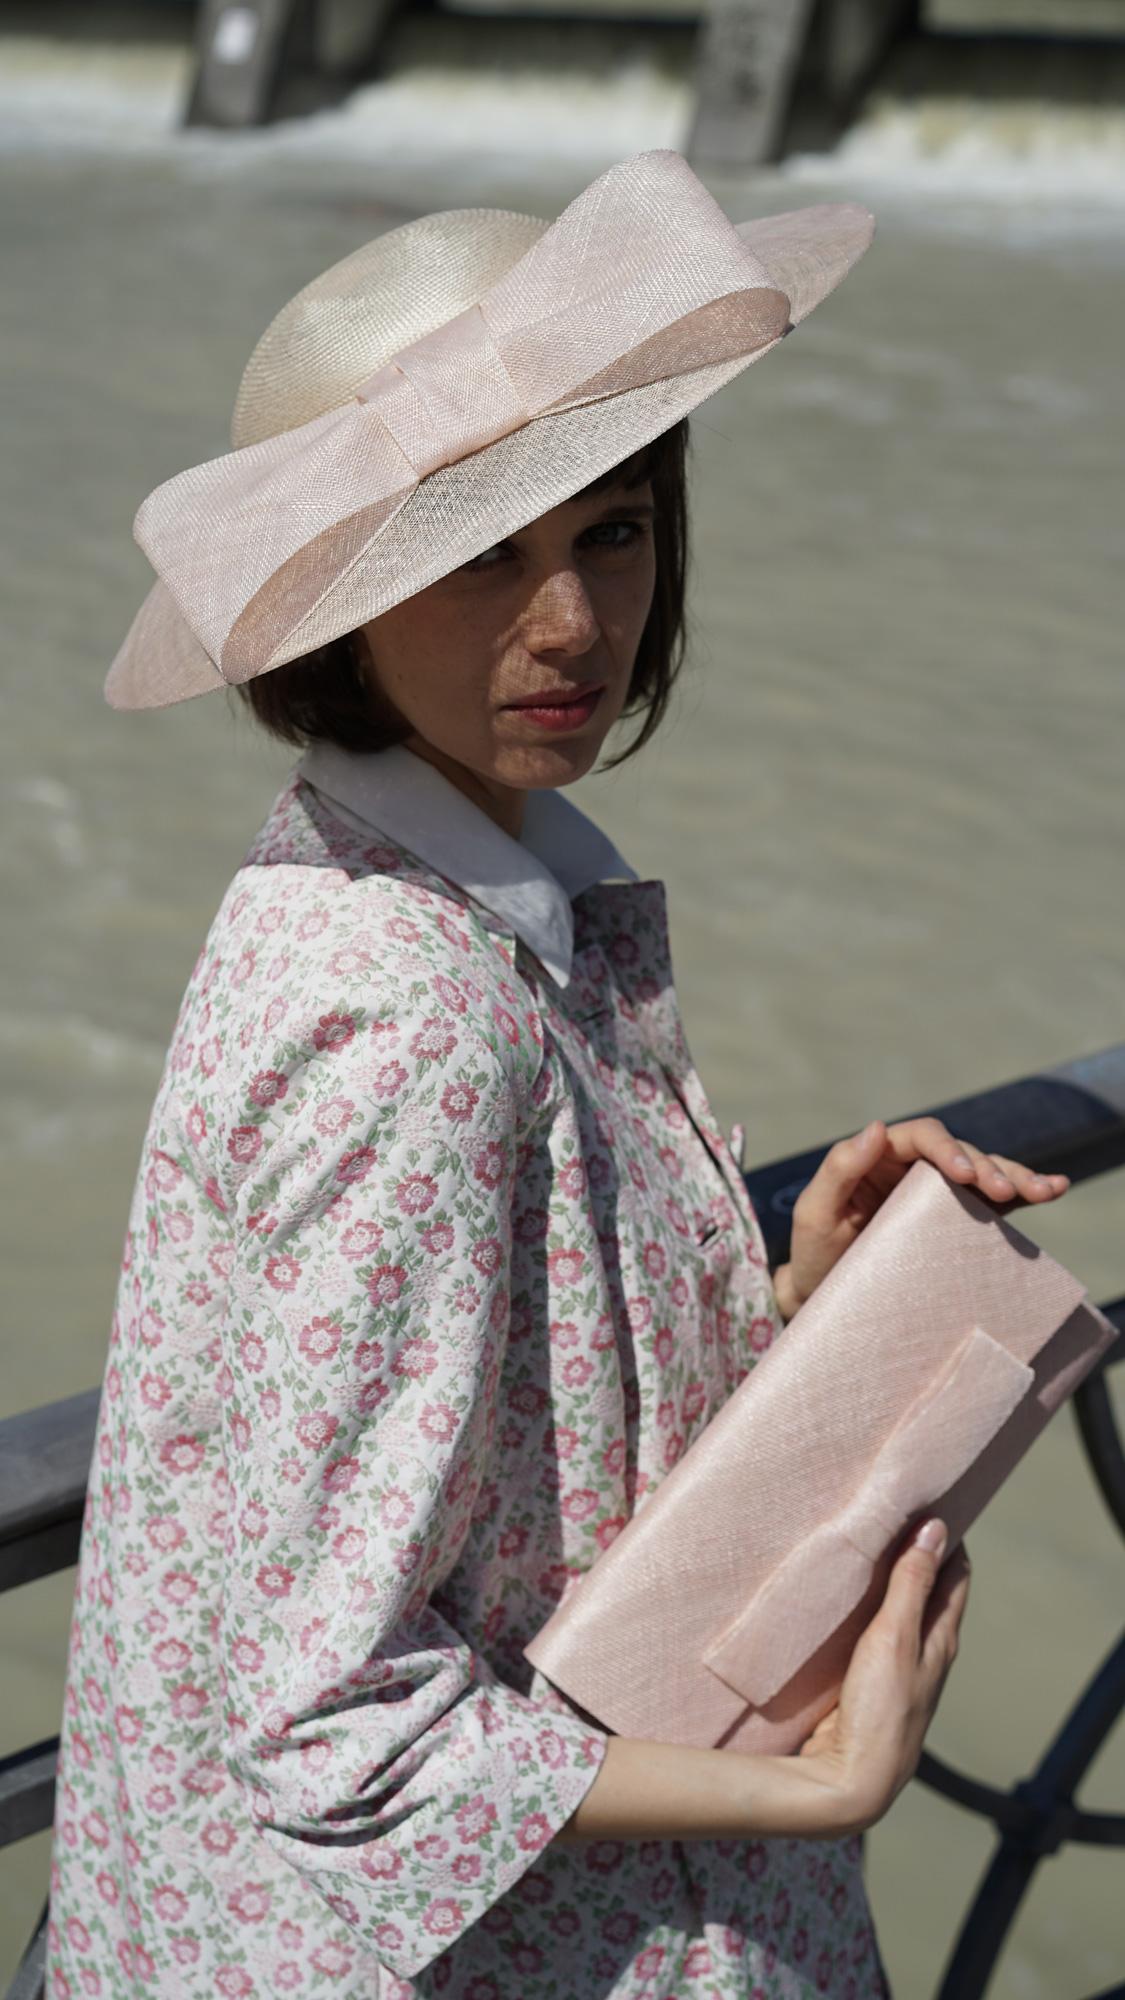 Sophie. Flacher Hut für Ihren Auftritt zum Beispiel als Hochzeitsgast. Wir fertigen den Hut gerne in Ihrer Wunschfarbe.